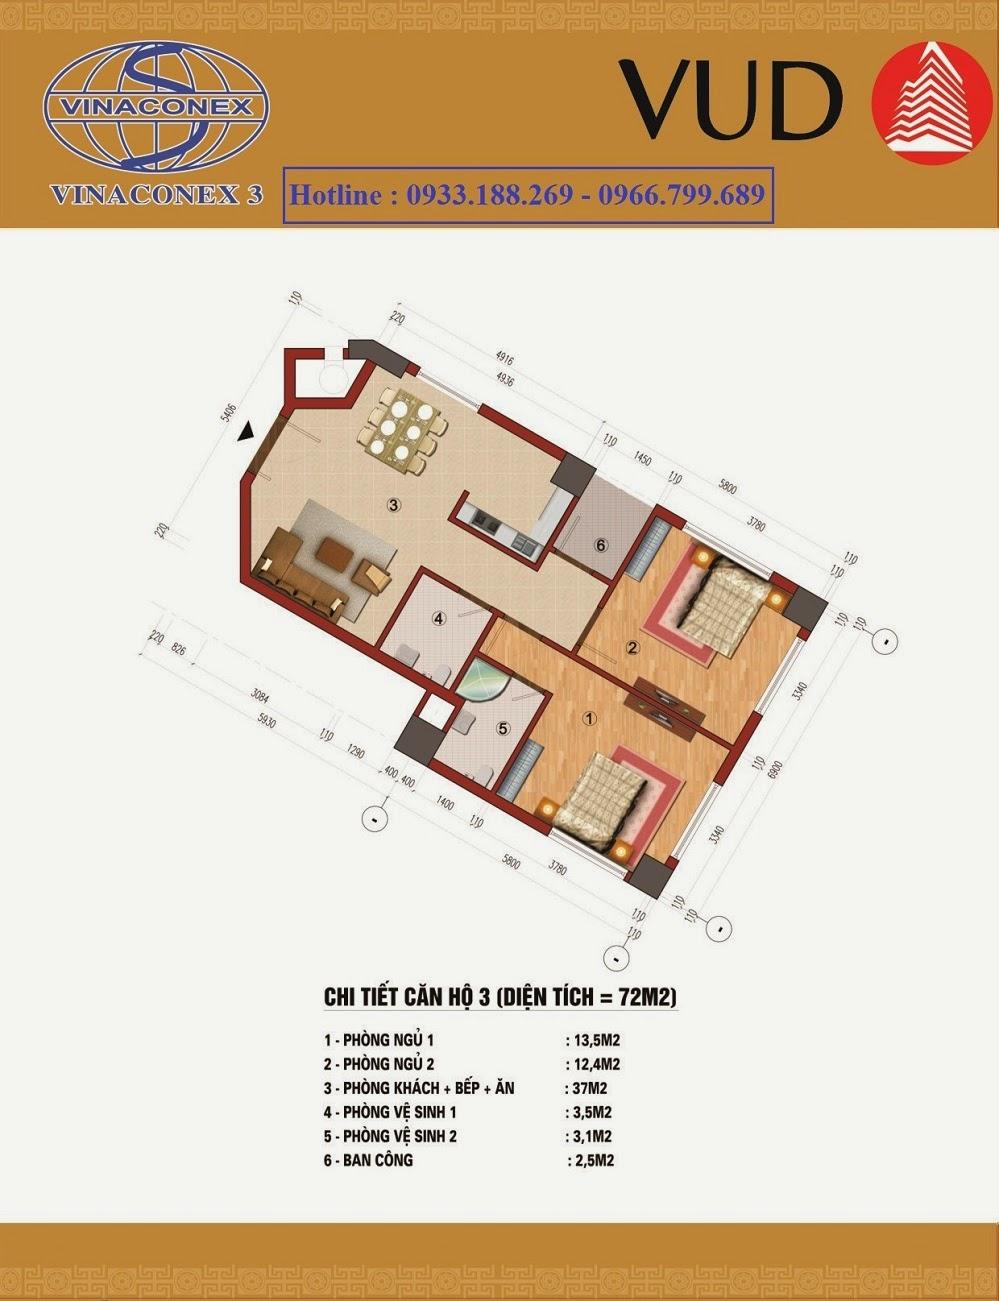 Căn 72m2, Chung cư CT1 Trung Văn - Vinaconex3